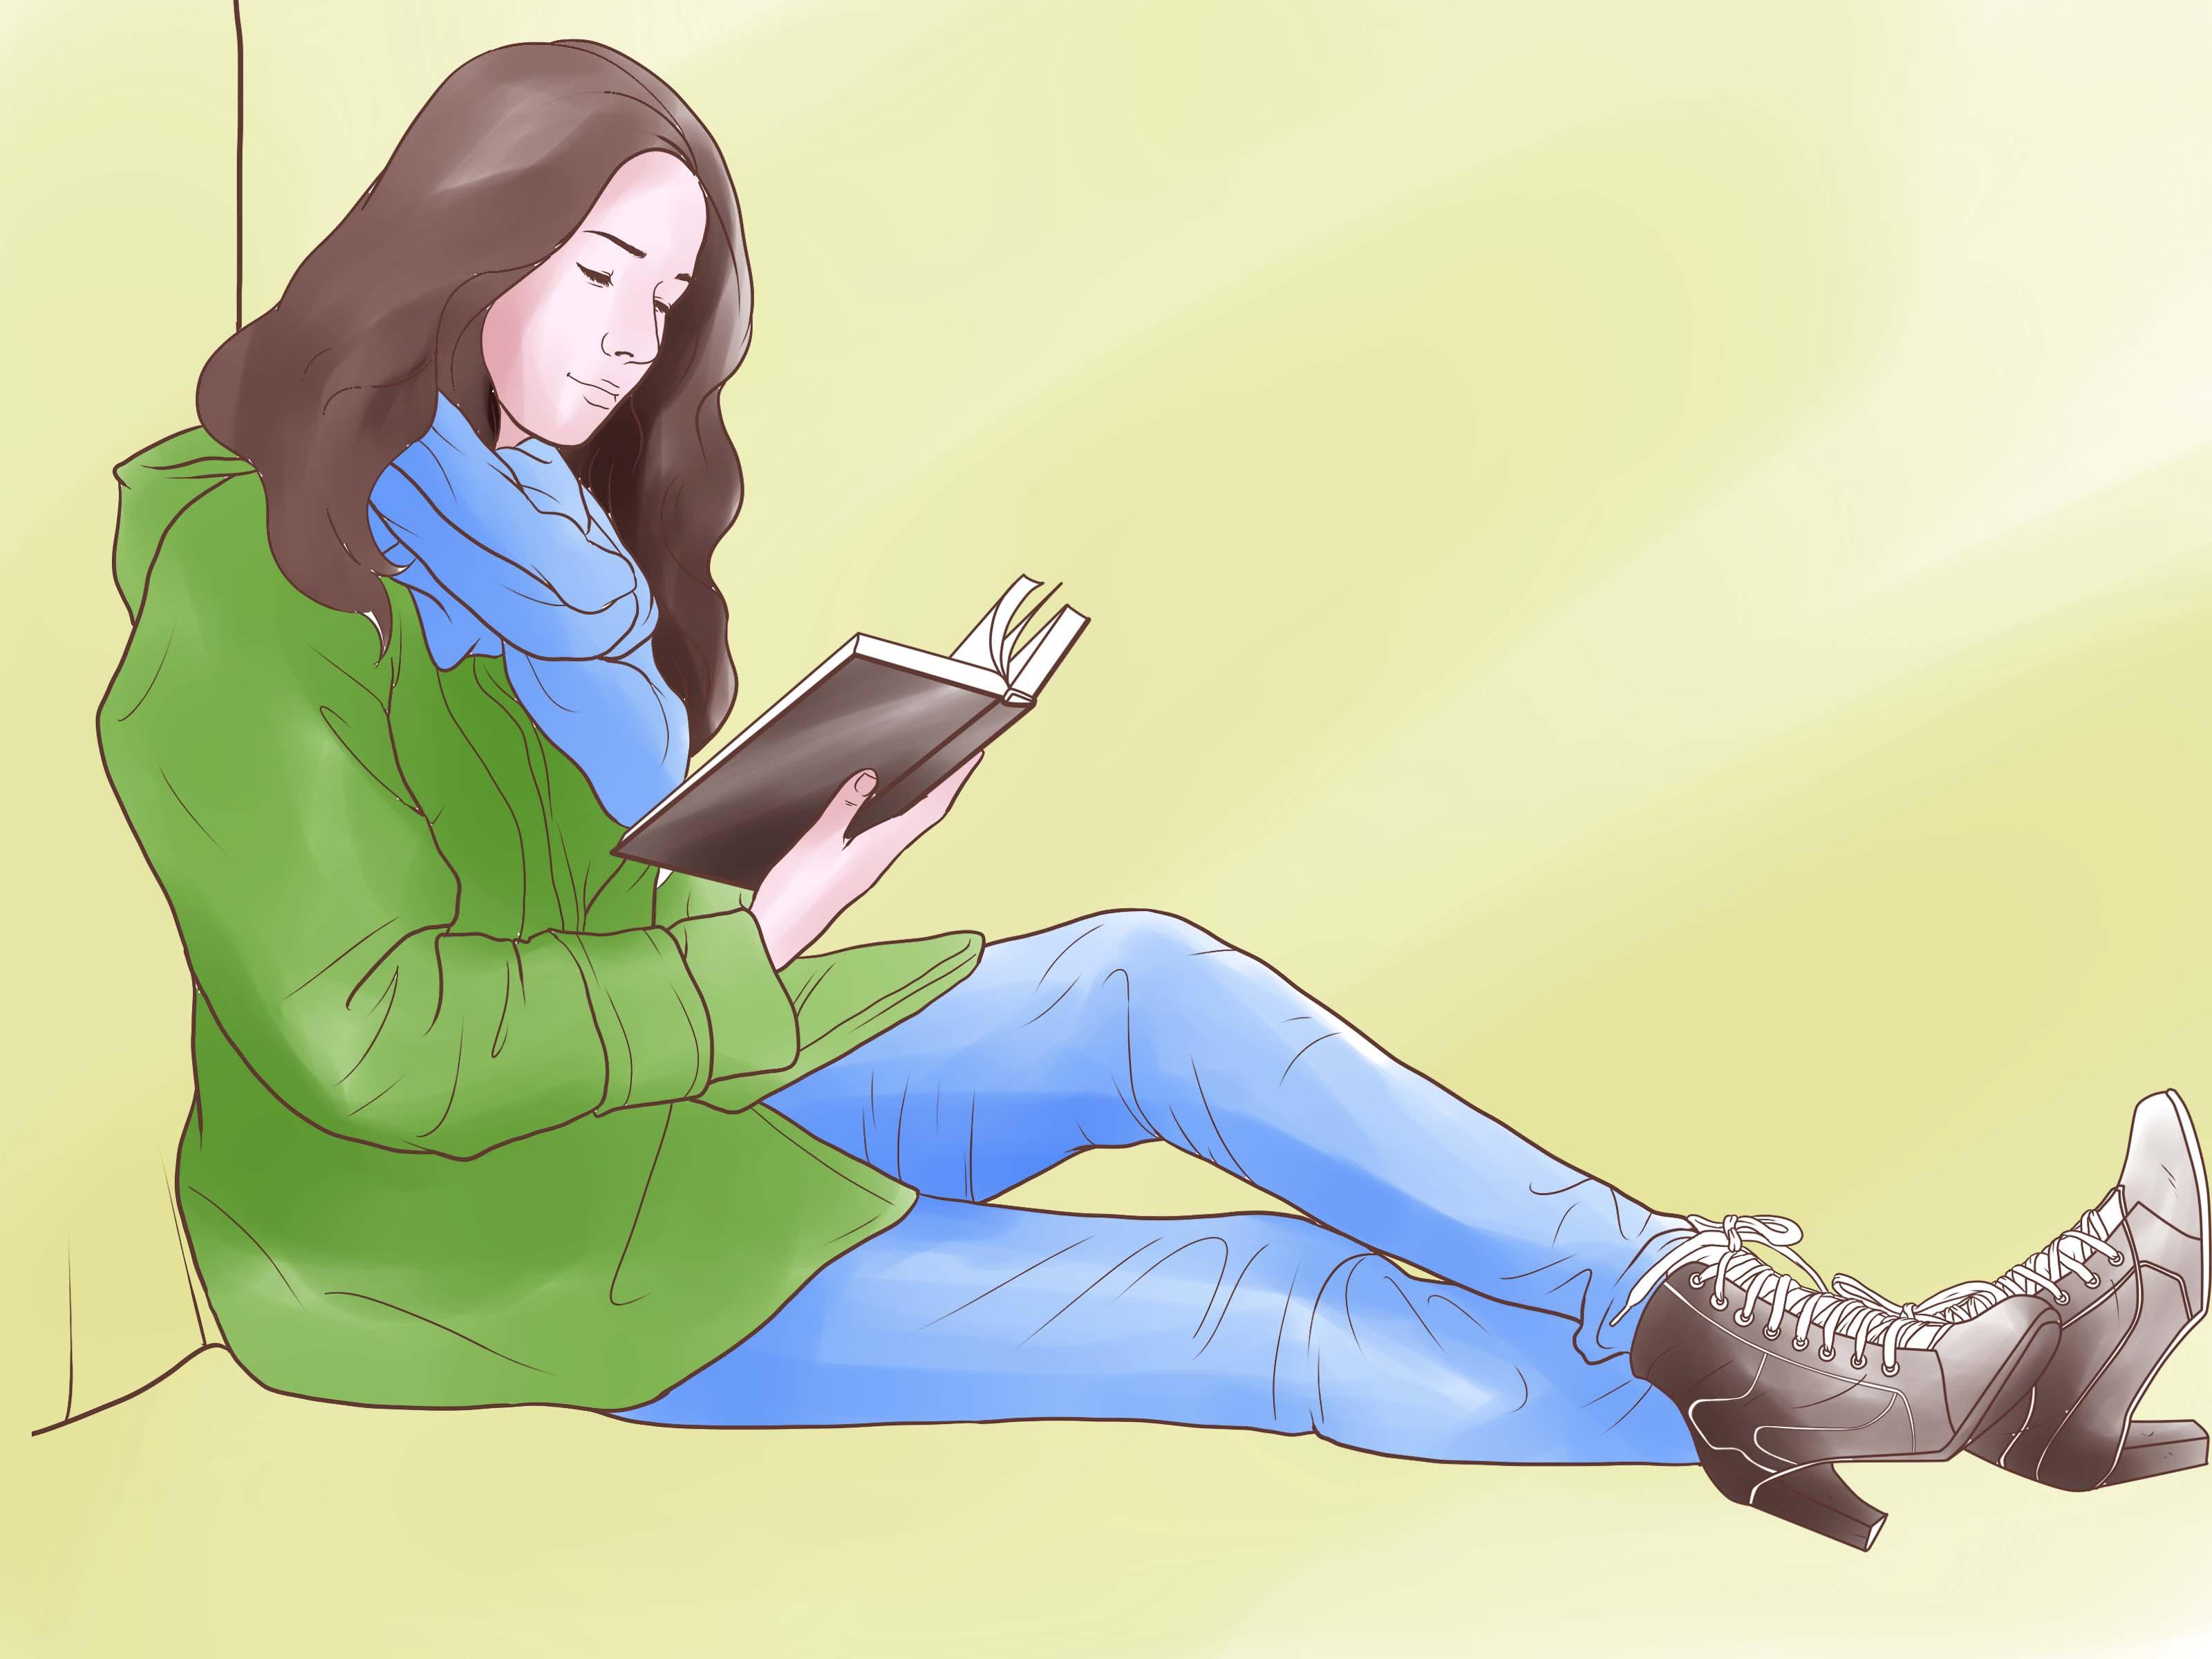 中國語を習得する方法 - wikiHow